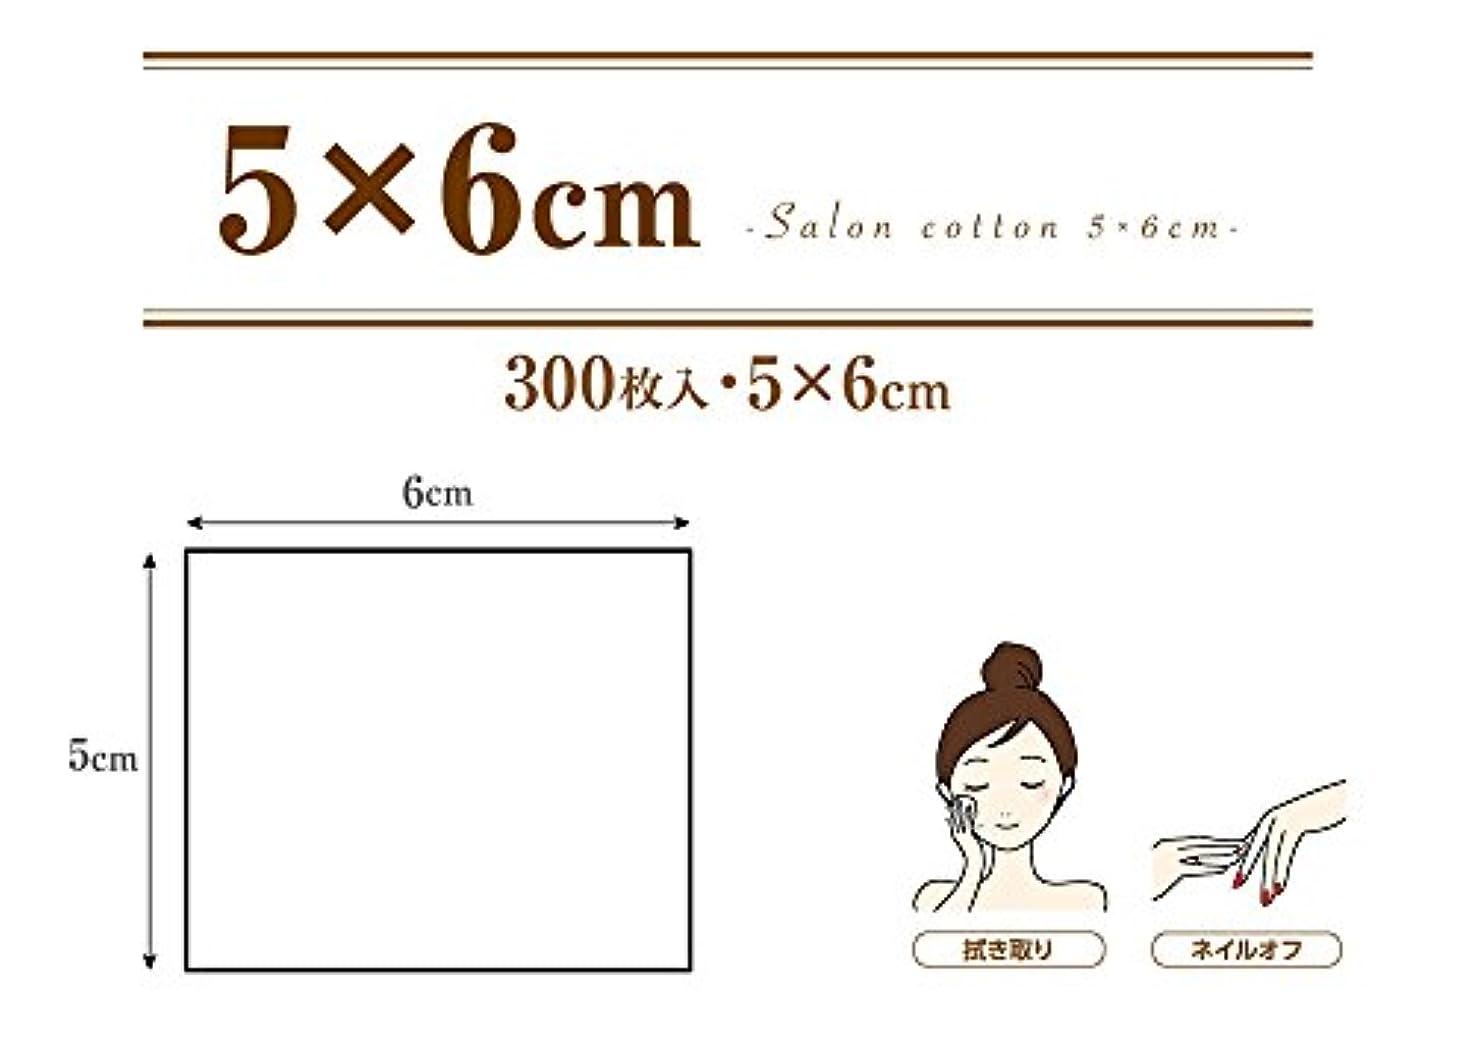 紫の上クラス業務用 コットンパフ (5×6cm 300枚入 箱入り) サロンコットン 5×6